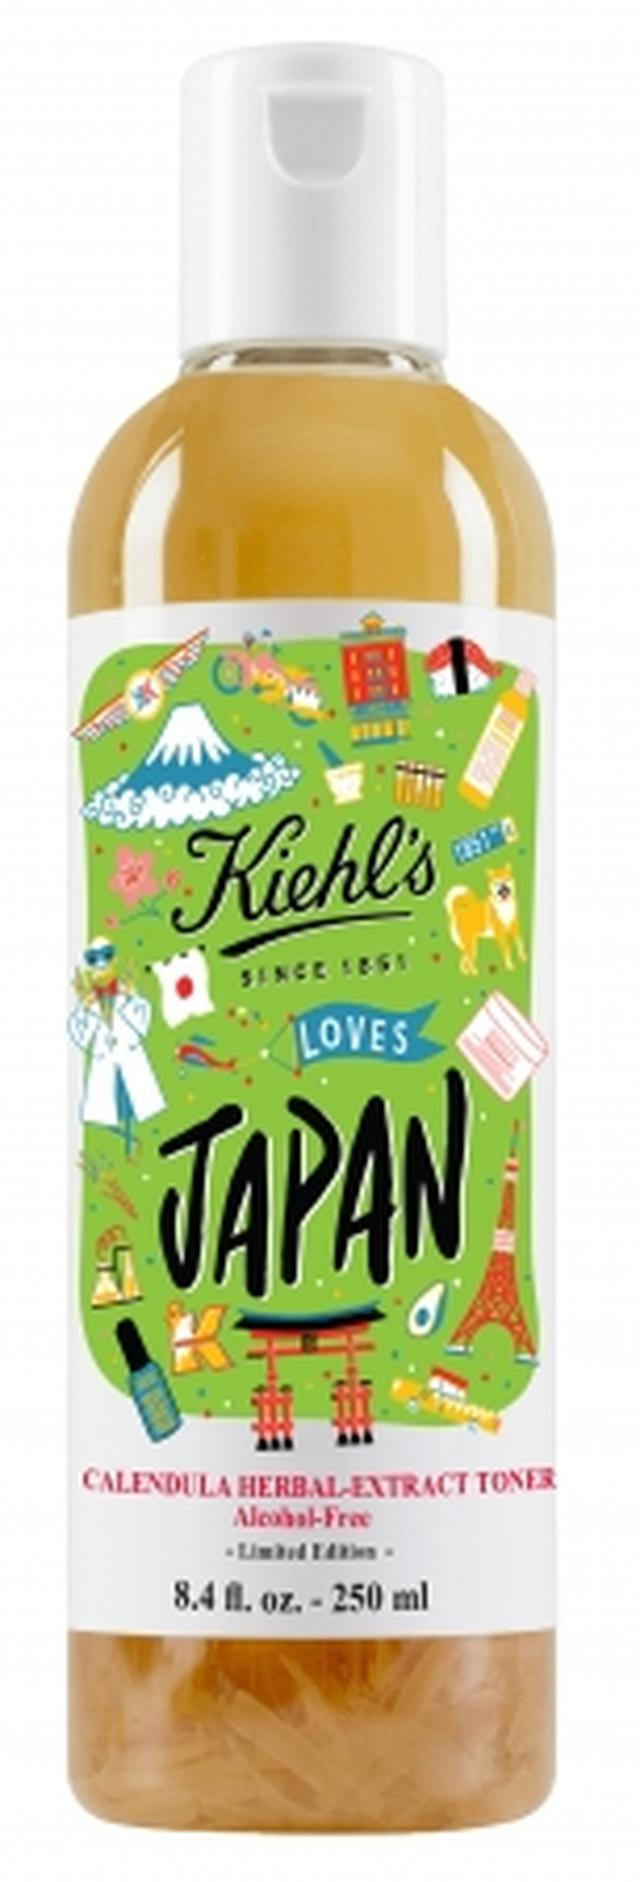 画像2: キールズより日本のお客様へ感謝を込めて!Kiehl's loves JAPAN 限定エディション今年も登場!